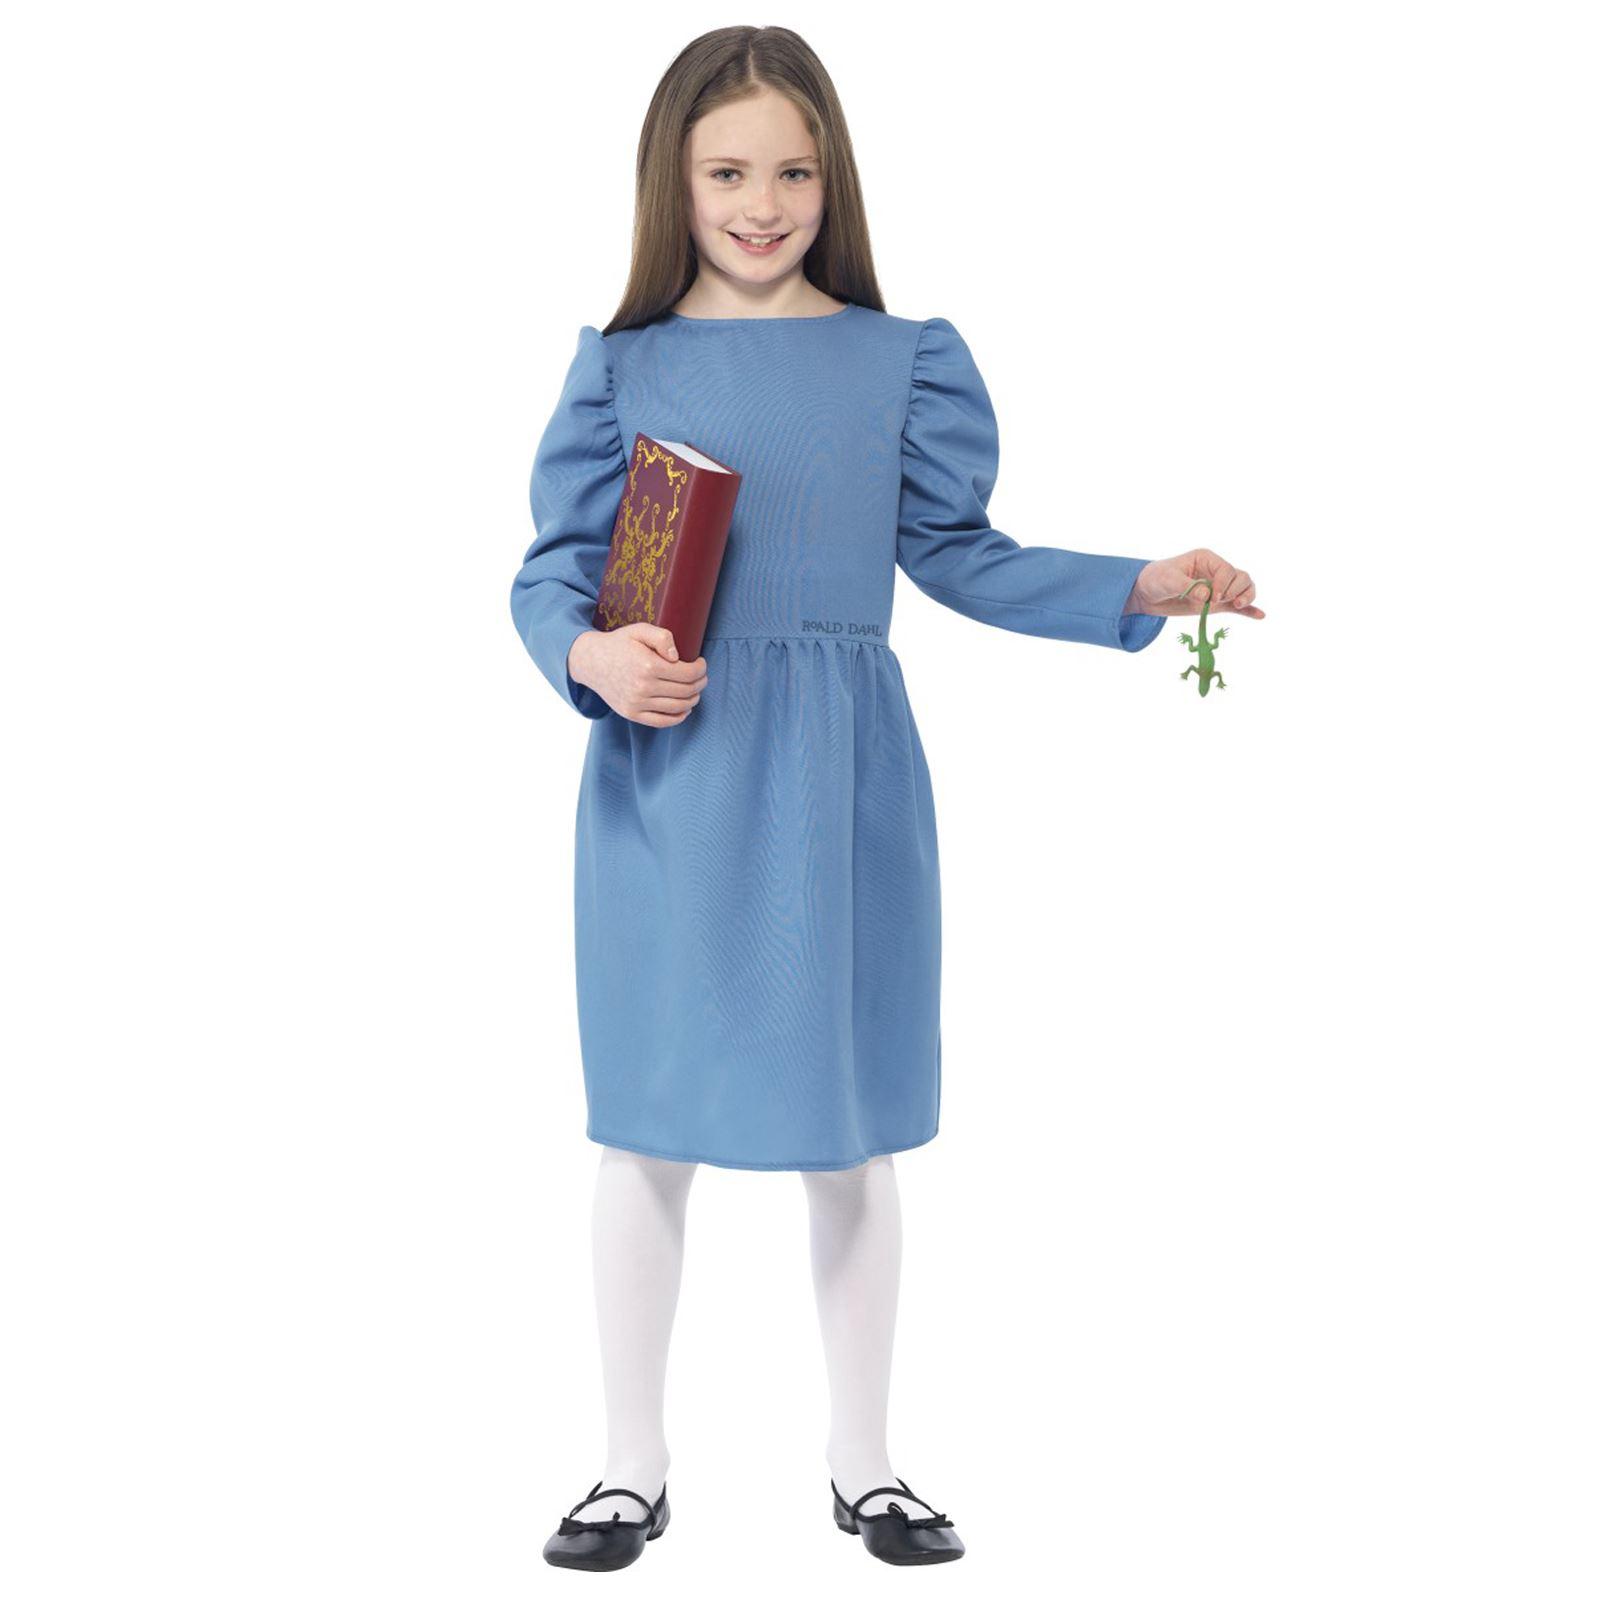 Kids Girls Official Roald Dahl Matilda Fancy Dress Book